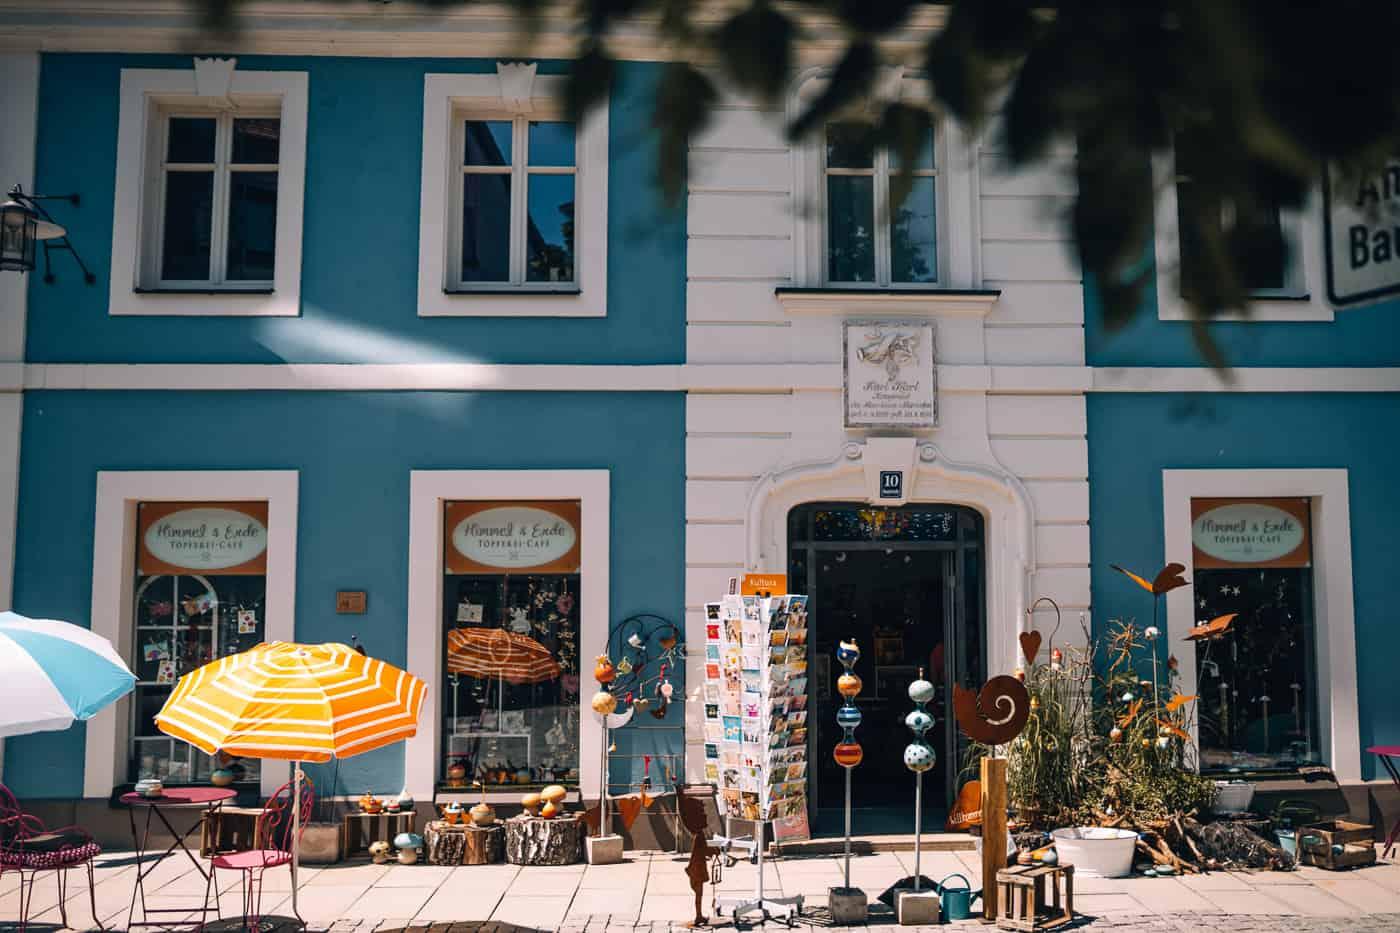 Forchheim in Oberfranken - Himmel & Erde - Töpferei & Café